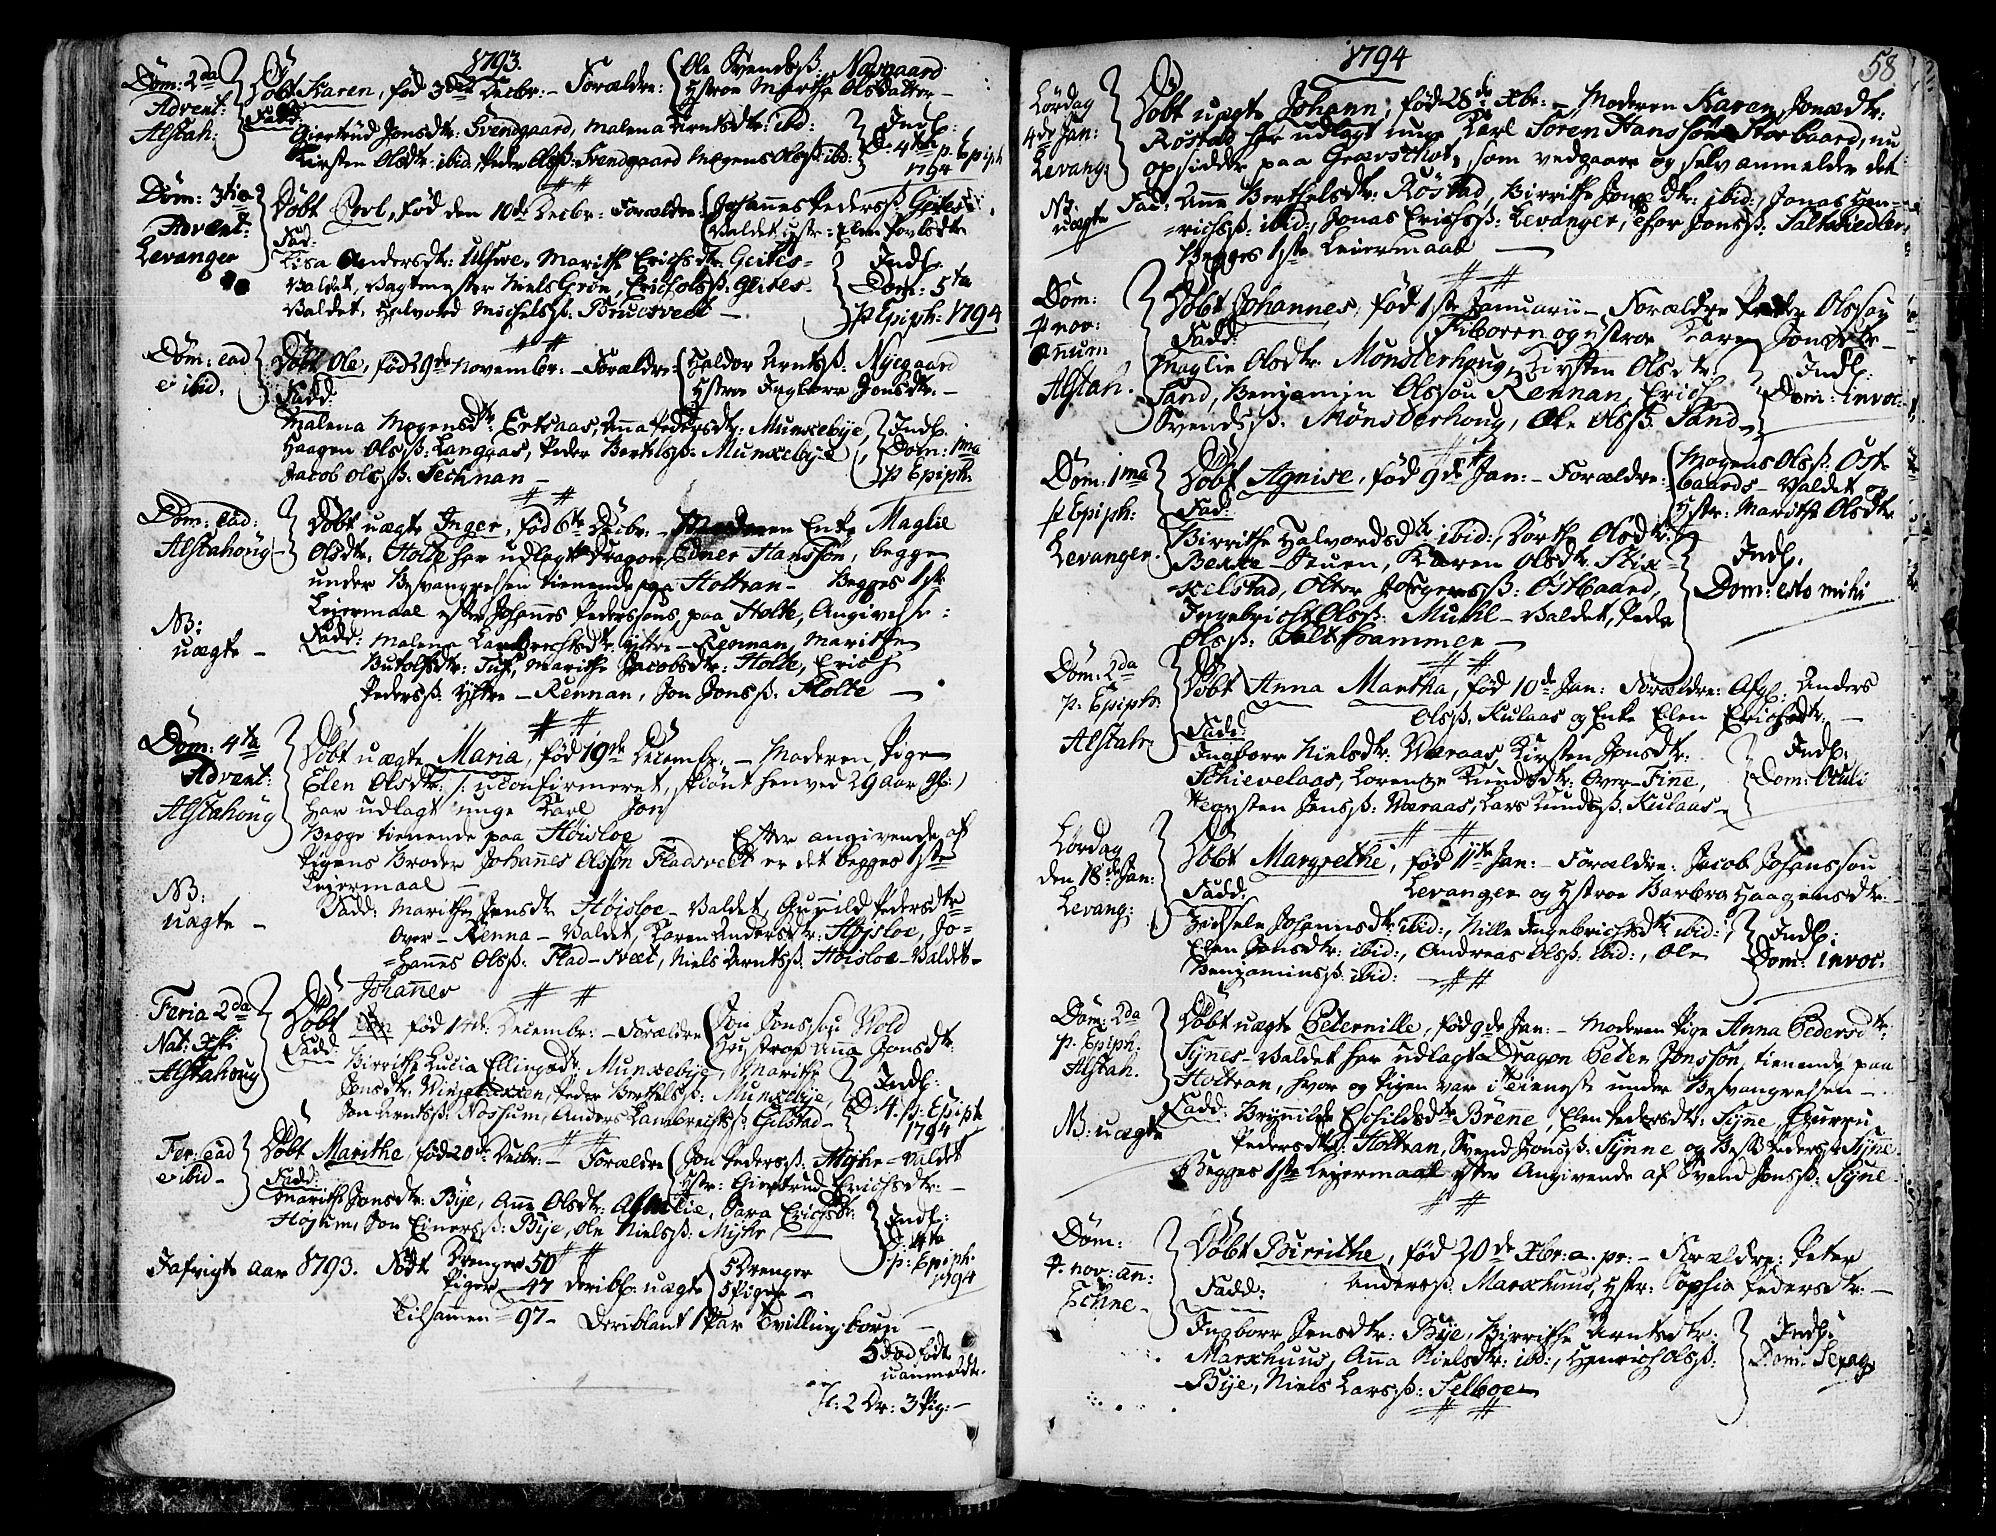 SAT, Ministerialprotokoller, klokkerbøker og fødselsregistre - Nord-Trøndelag, 717/L0142: Ministerialbok nr. 717A02 /1, 1783-1809, s. 58